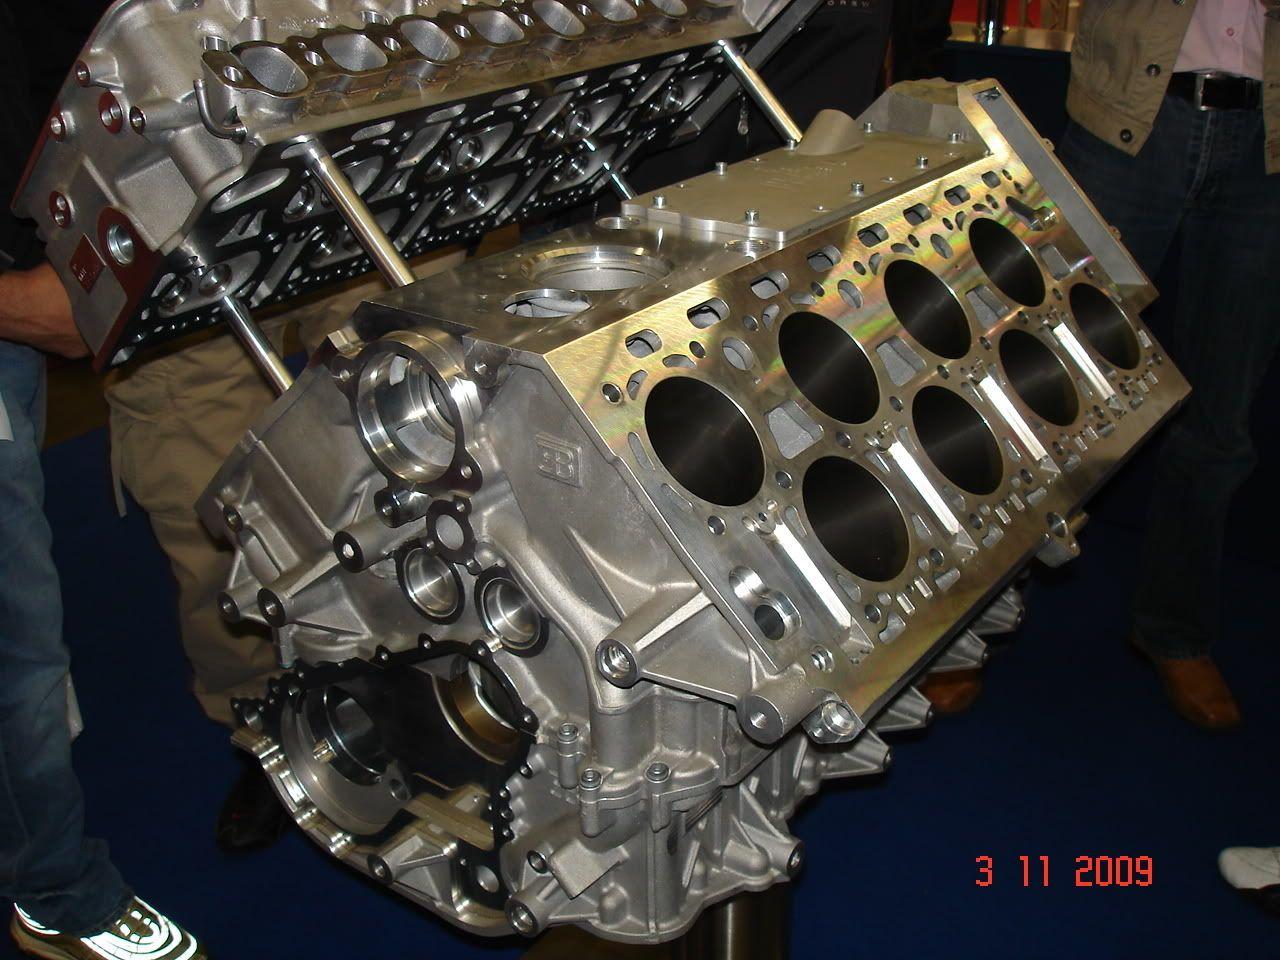 motor bugatti veyron w16 newmotorspot co rh newmotorspot co V24 Engine Bugatti Veyron Motor